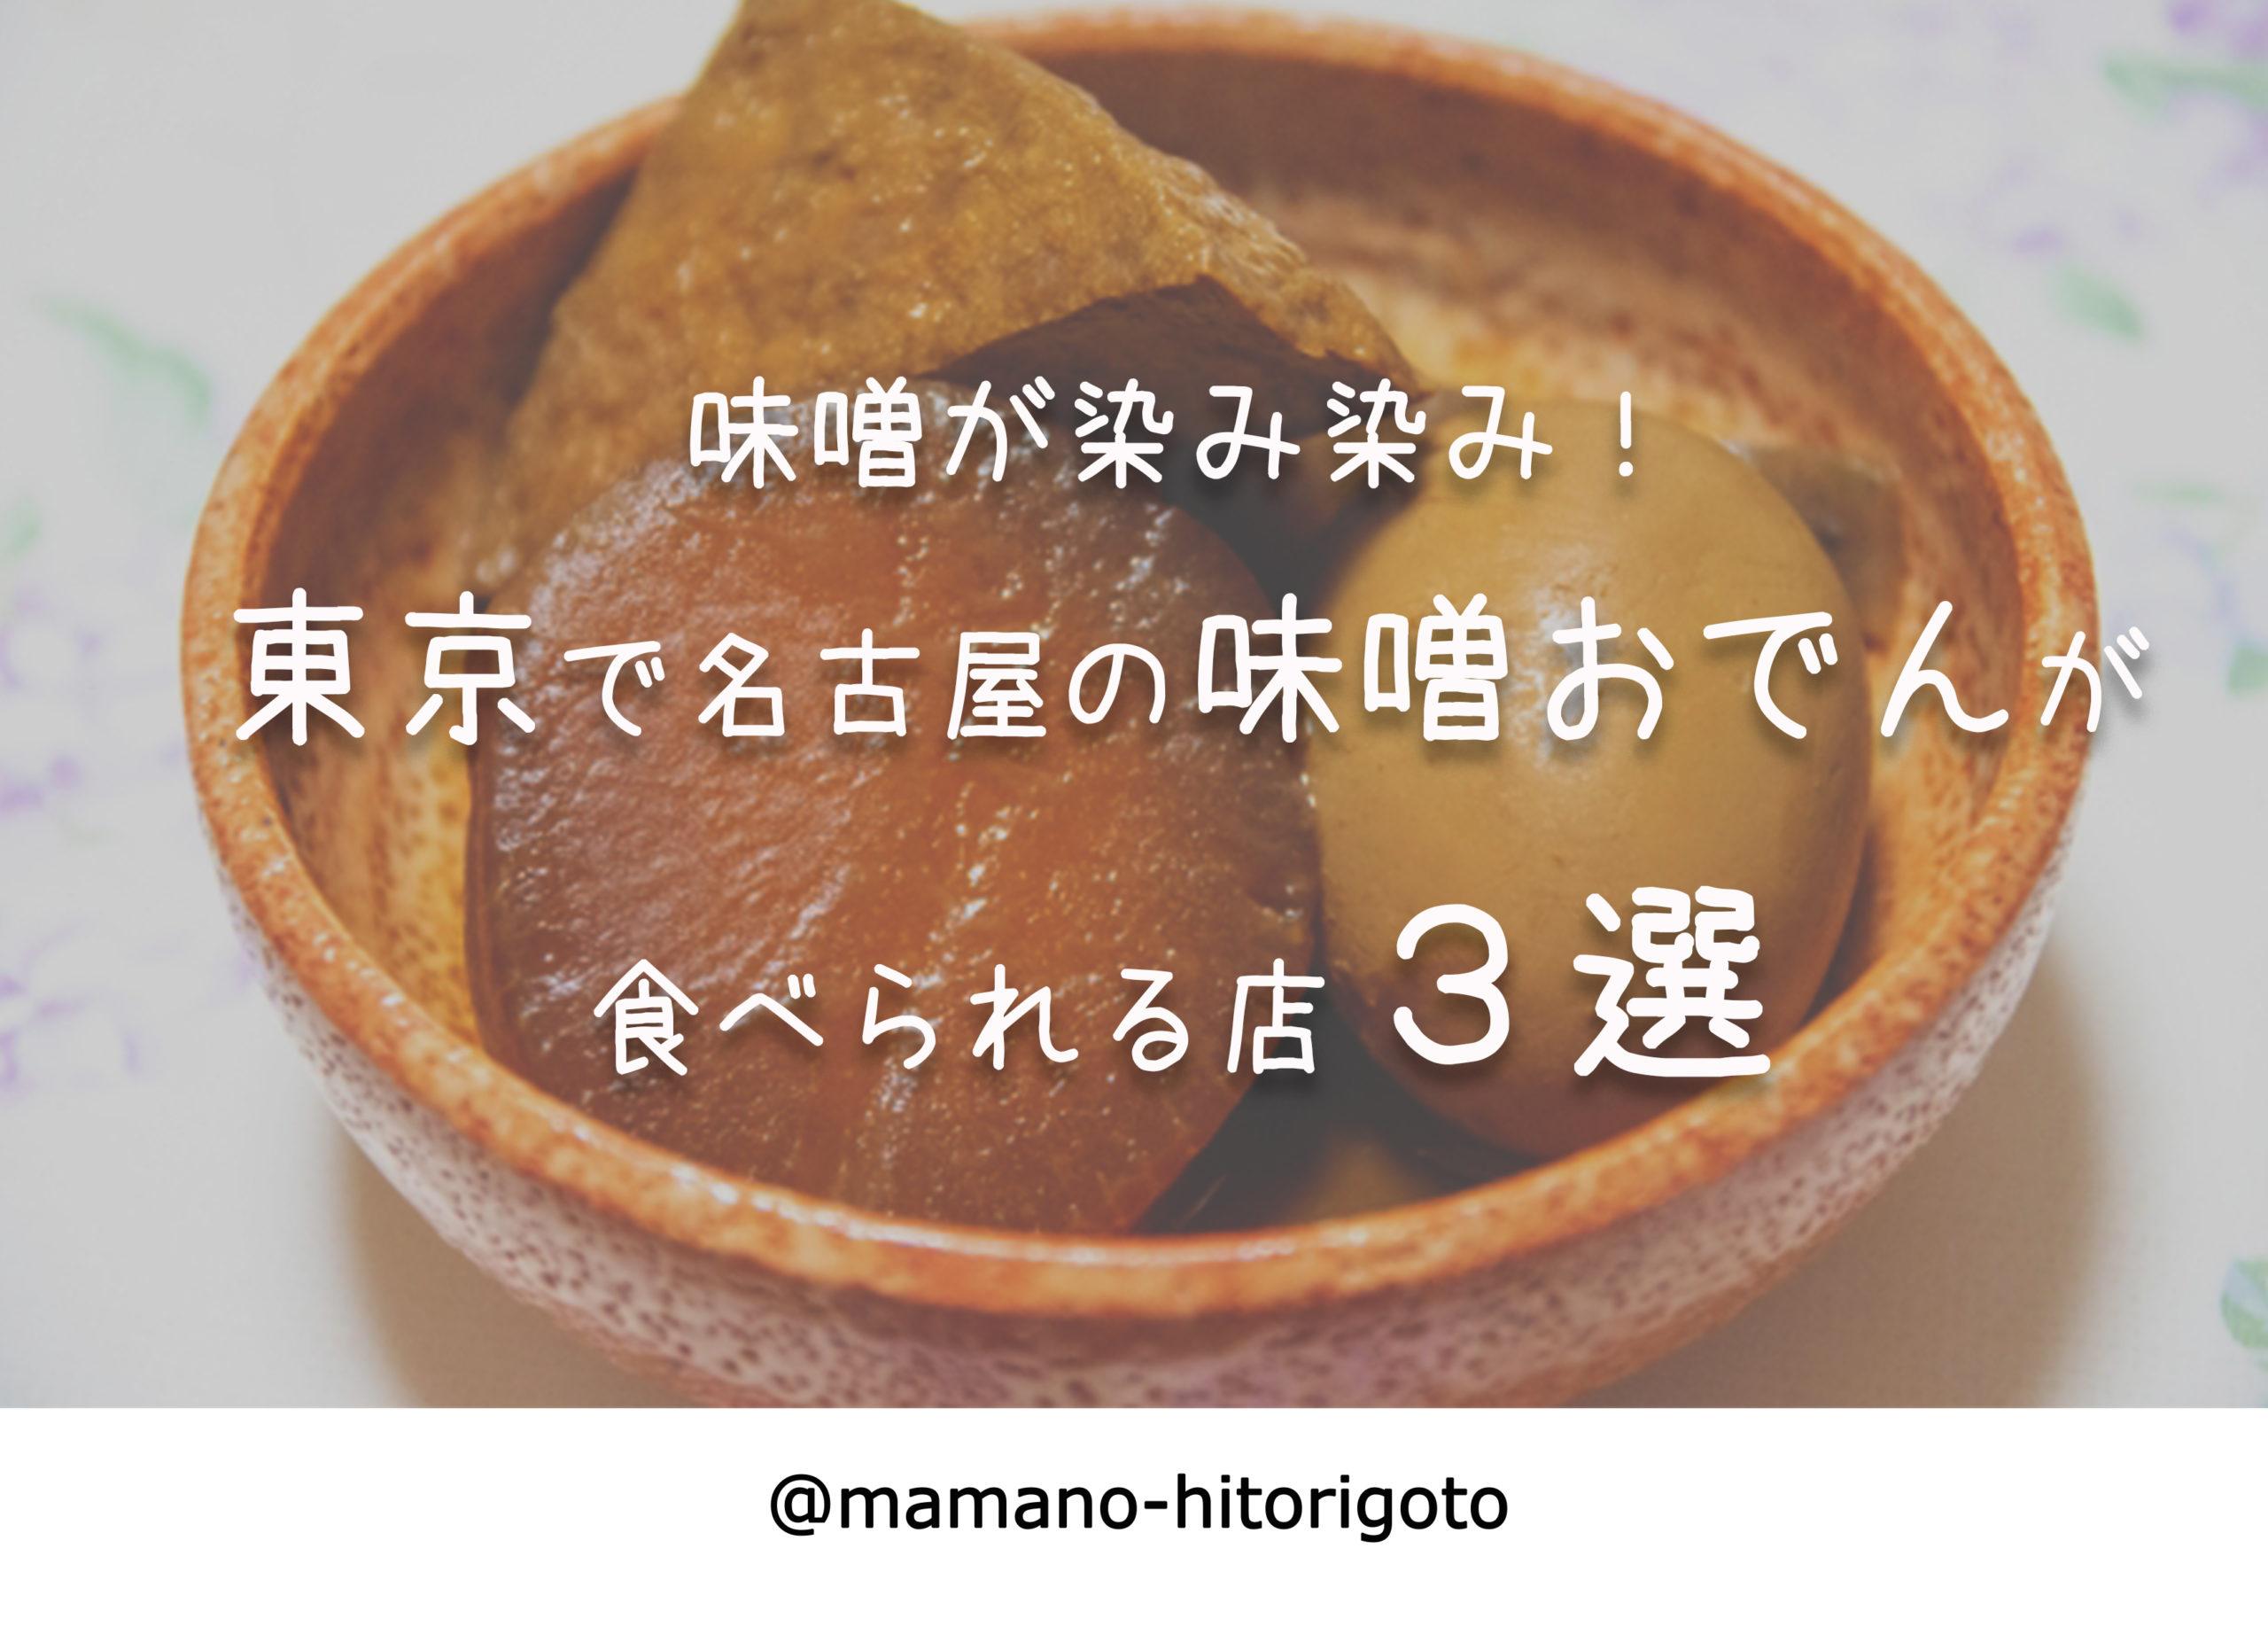 味噌が染み染み!東京で名古屋の味噌おでんが食べられる店3選